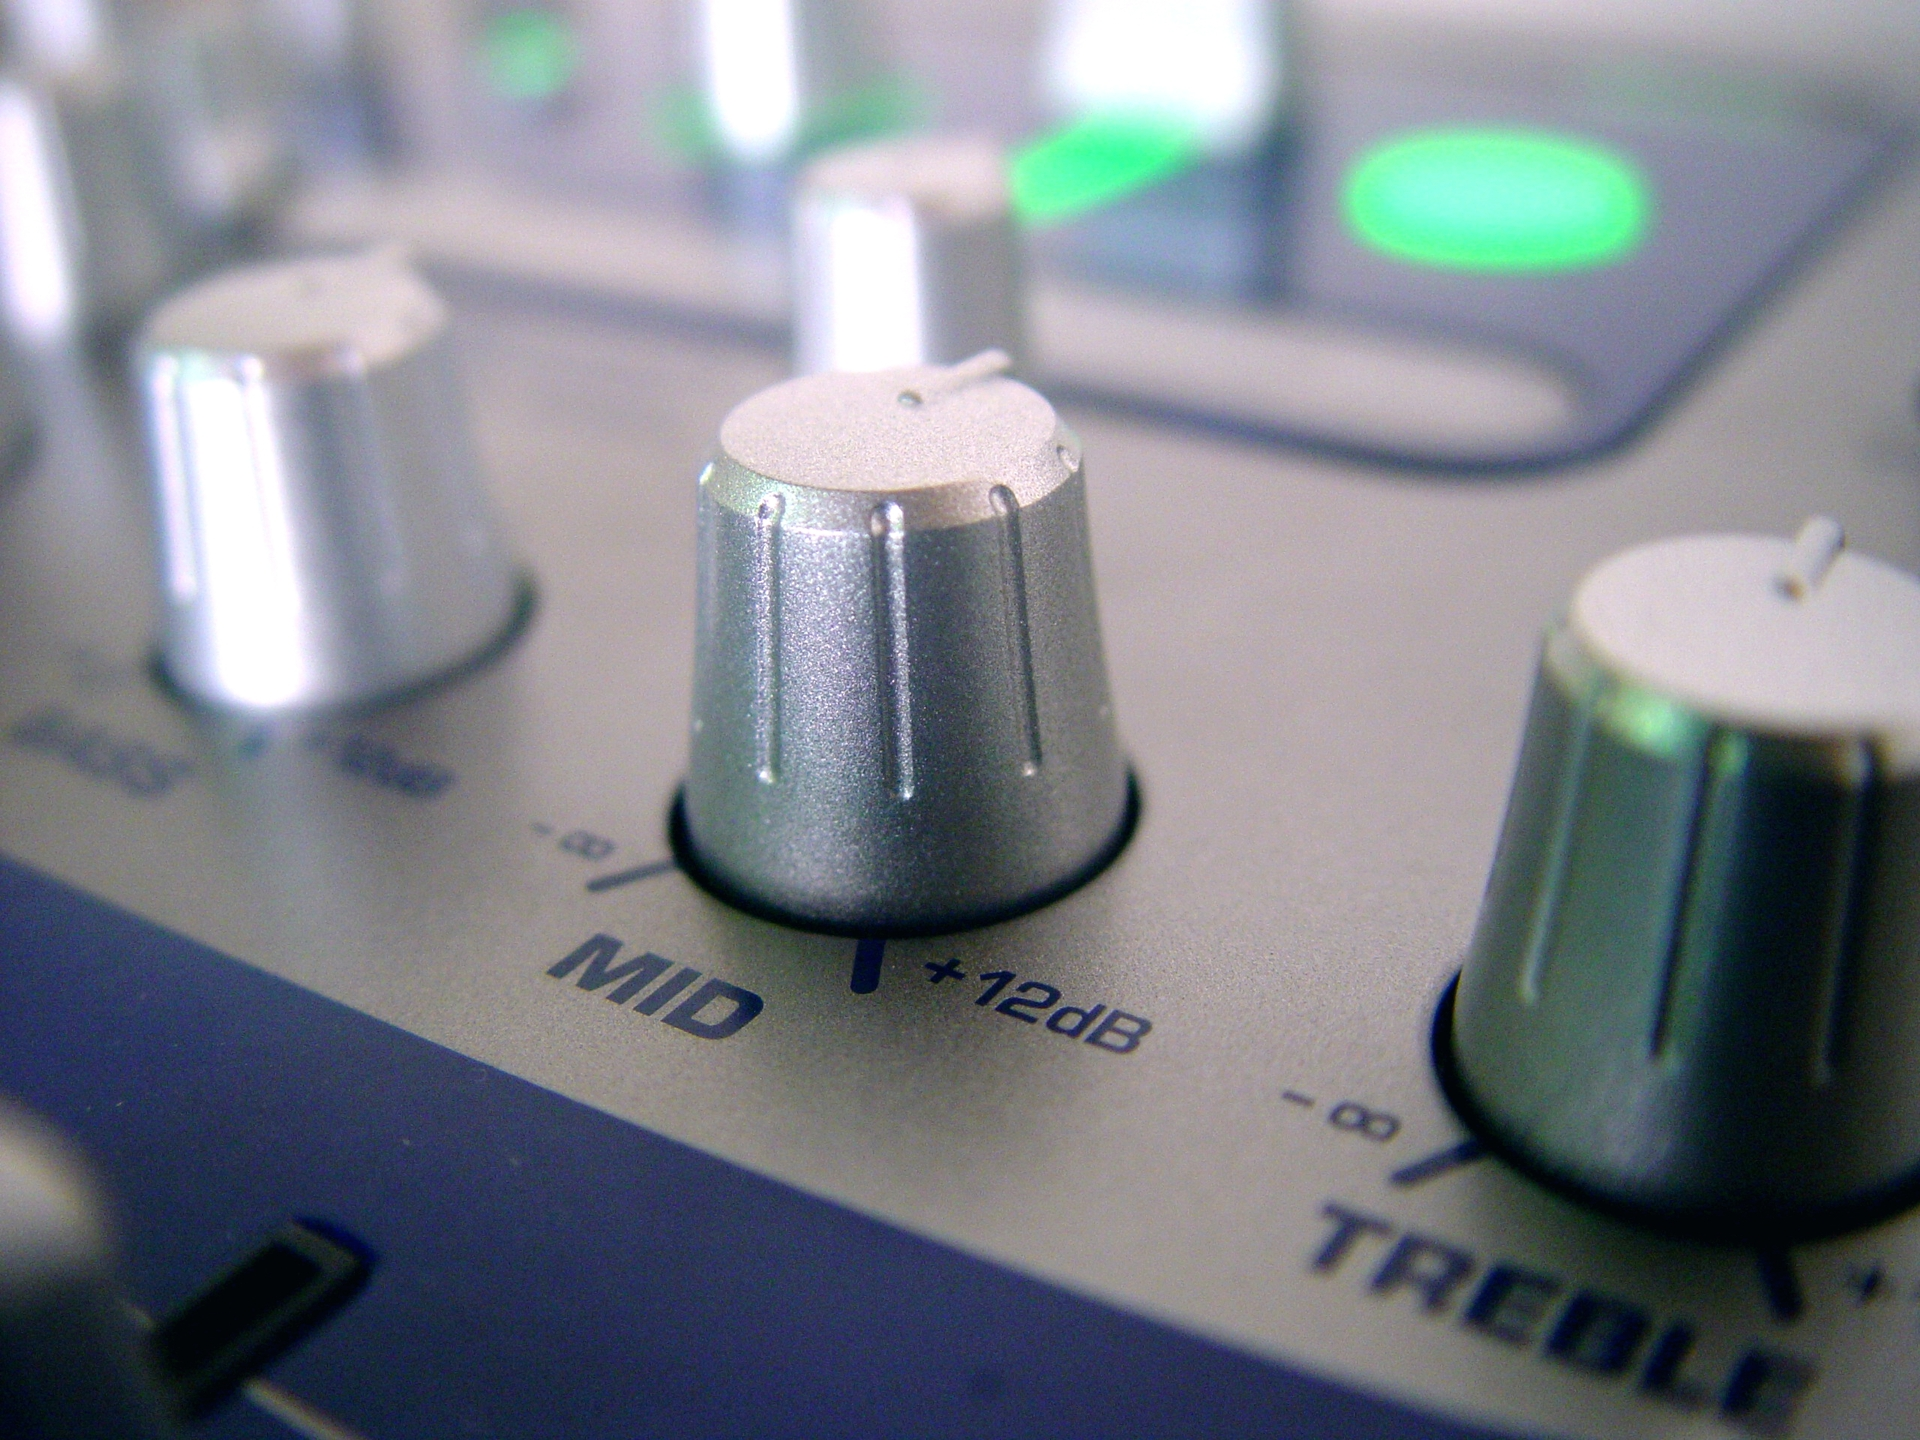 contro les de equipo de sonido